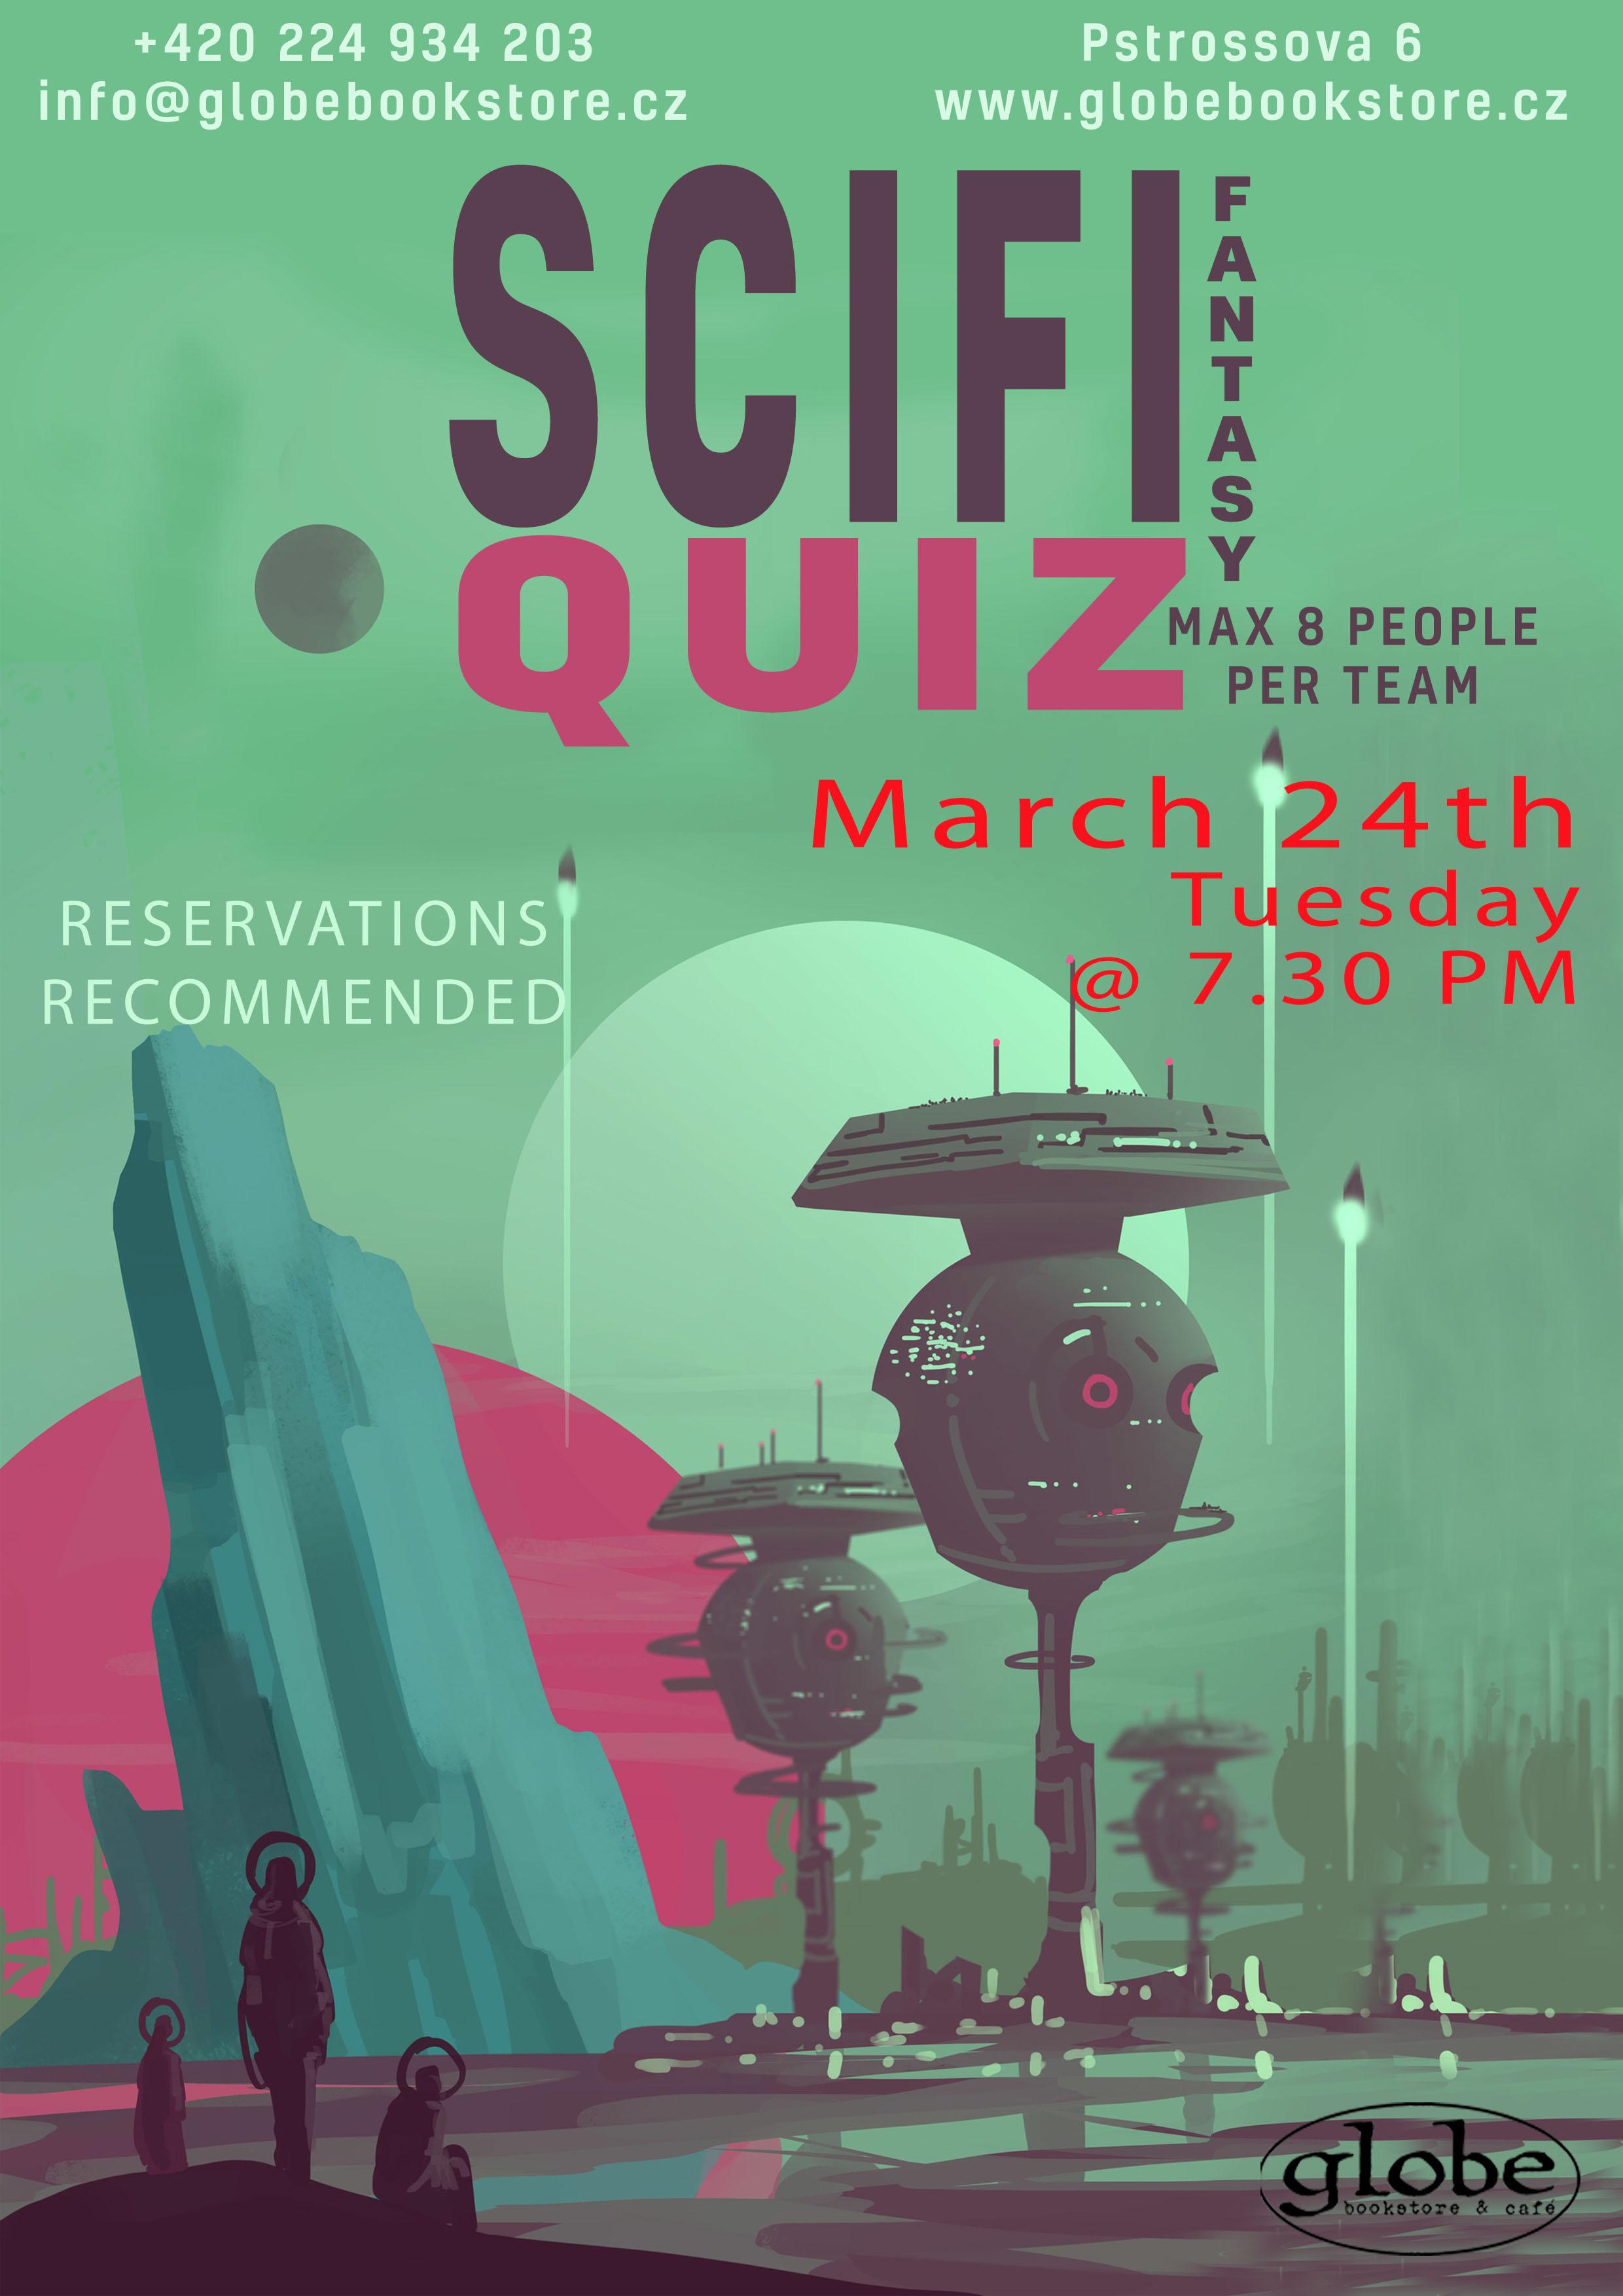 scifi-quiz-flyer-mar-24